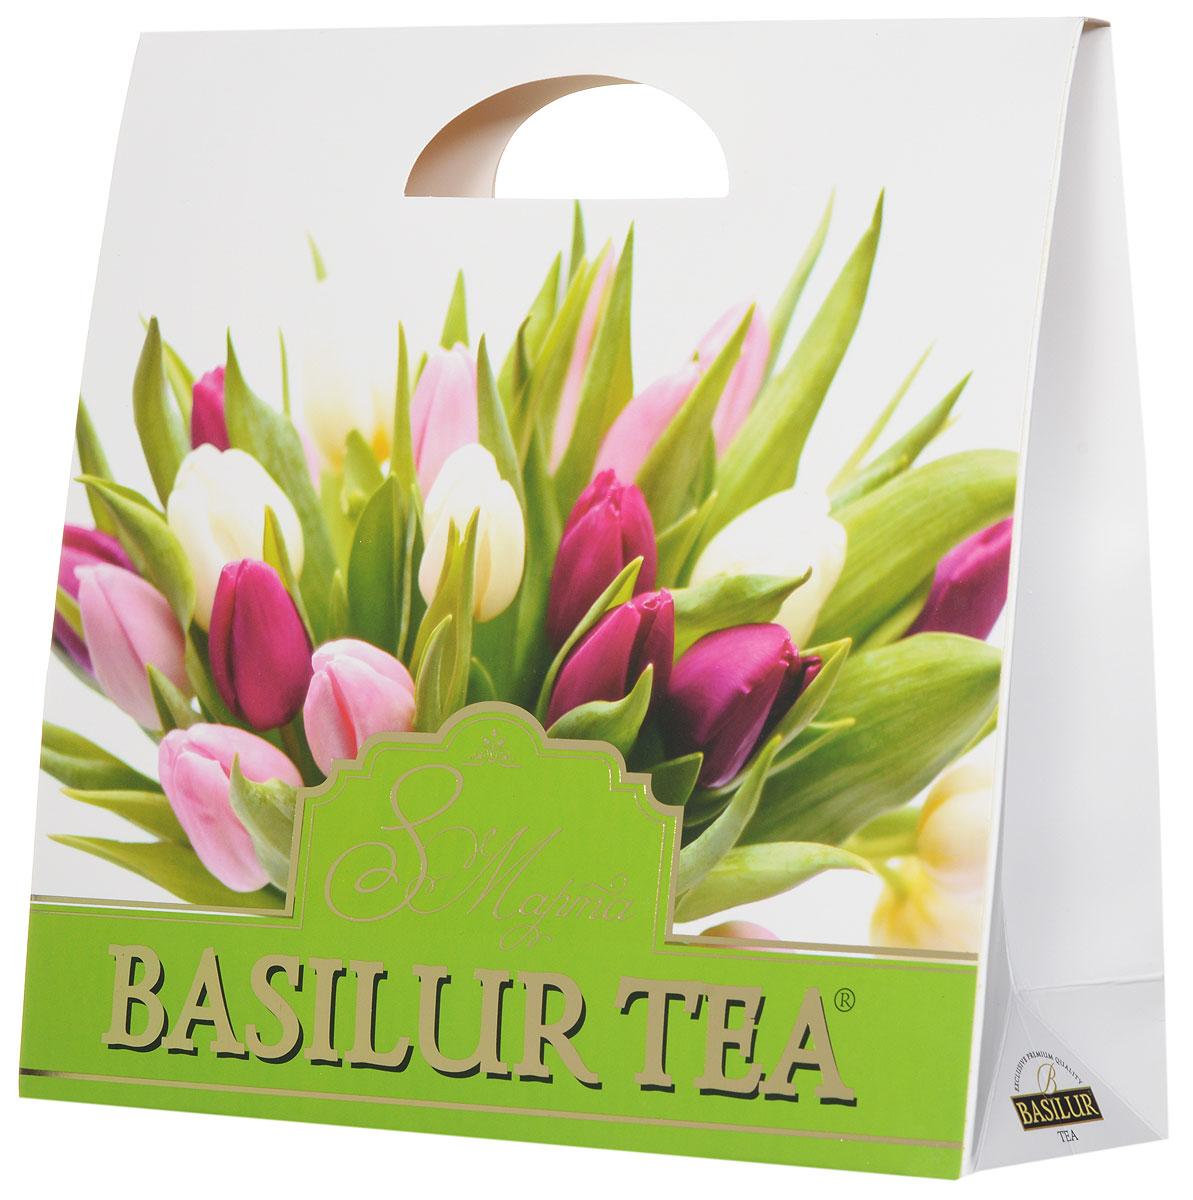 Basilur Подарочный набор Изящный зеленый ягодный чай Париж и салфетка для дома в подарок, 100 г basilur чайный набор букет белое волшебство